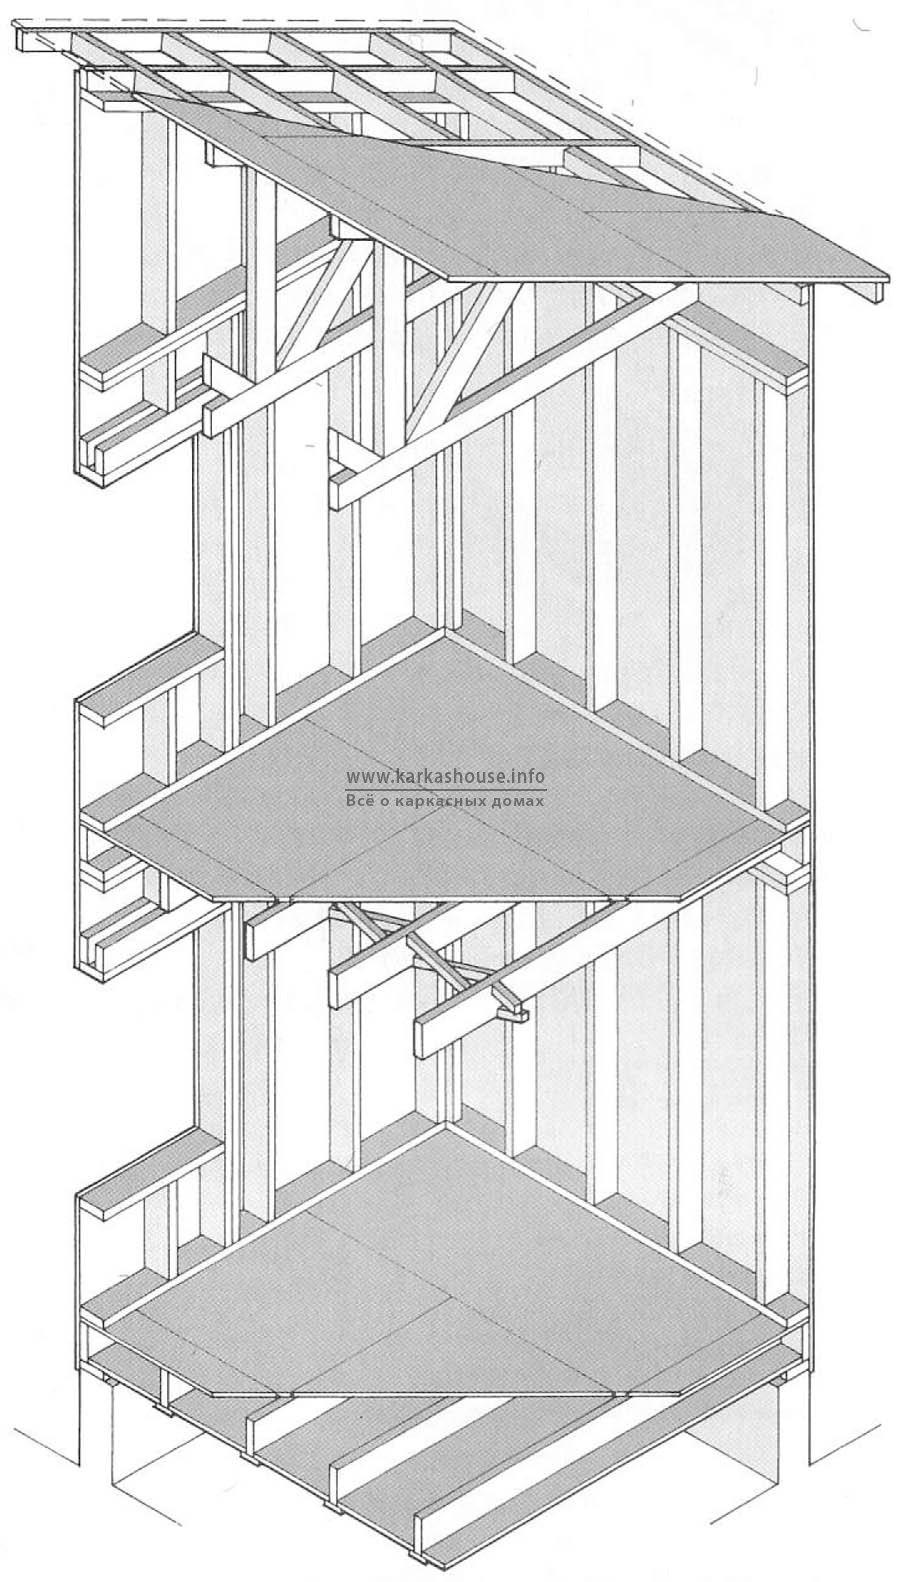 конструкция каркасного дома по системе